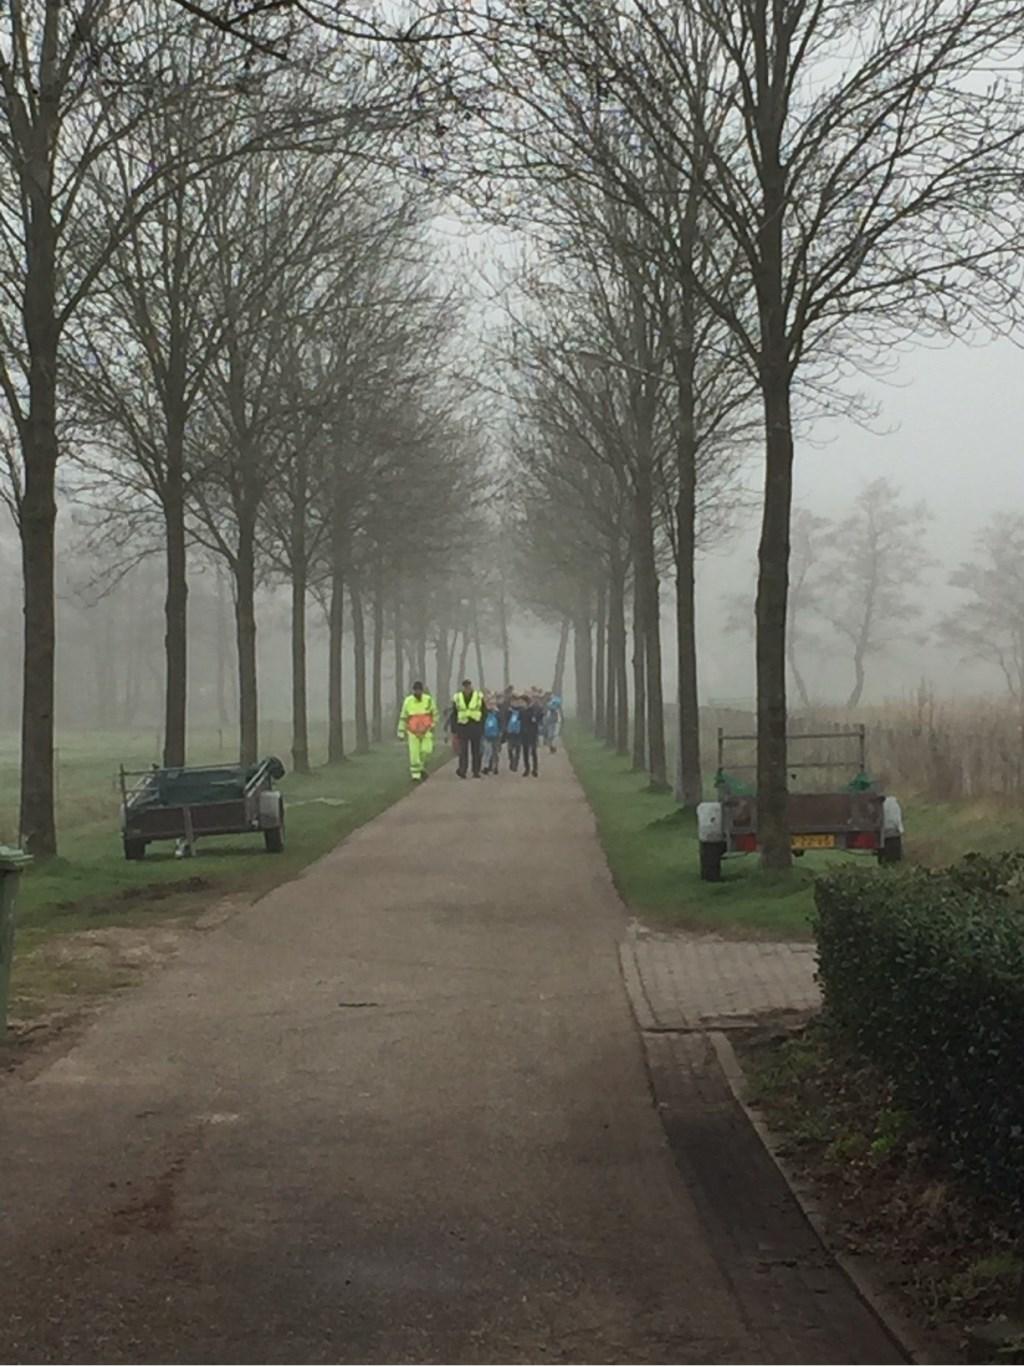 Mistig begin, groep 7 van Binckhorst-St. Jan komt aan bij de waterzuivering. Foto: Rotary © Enter Media